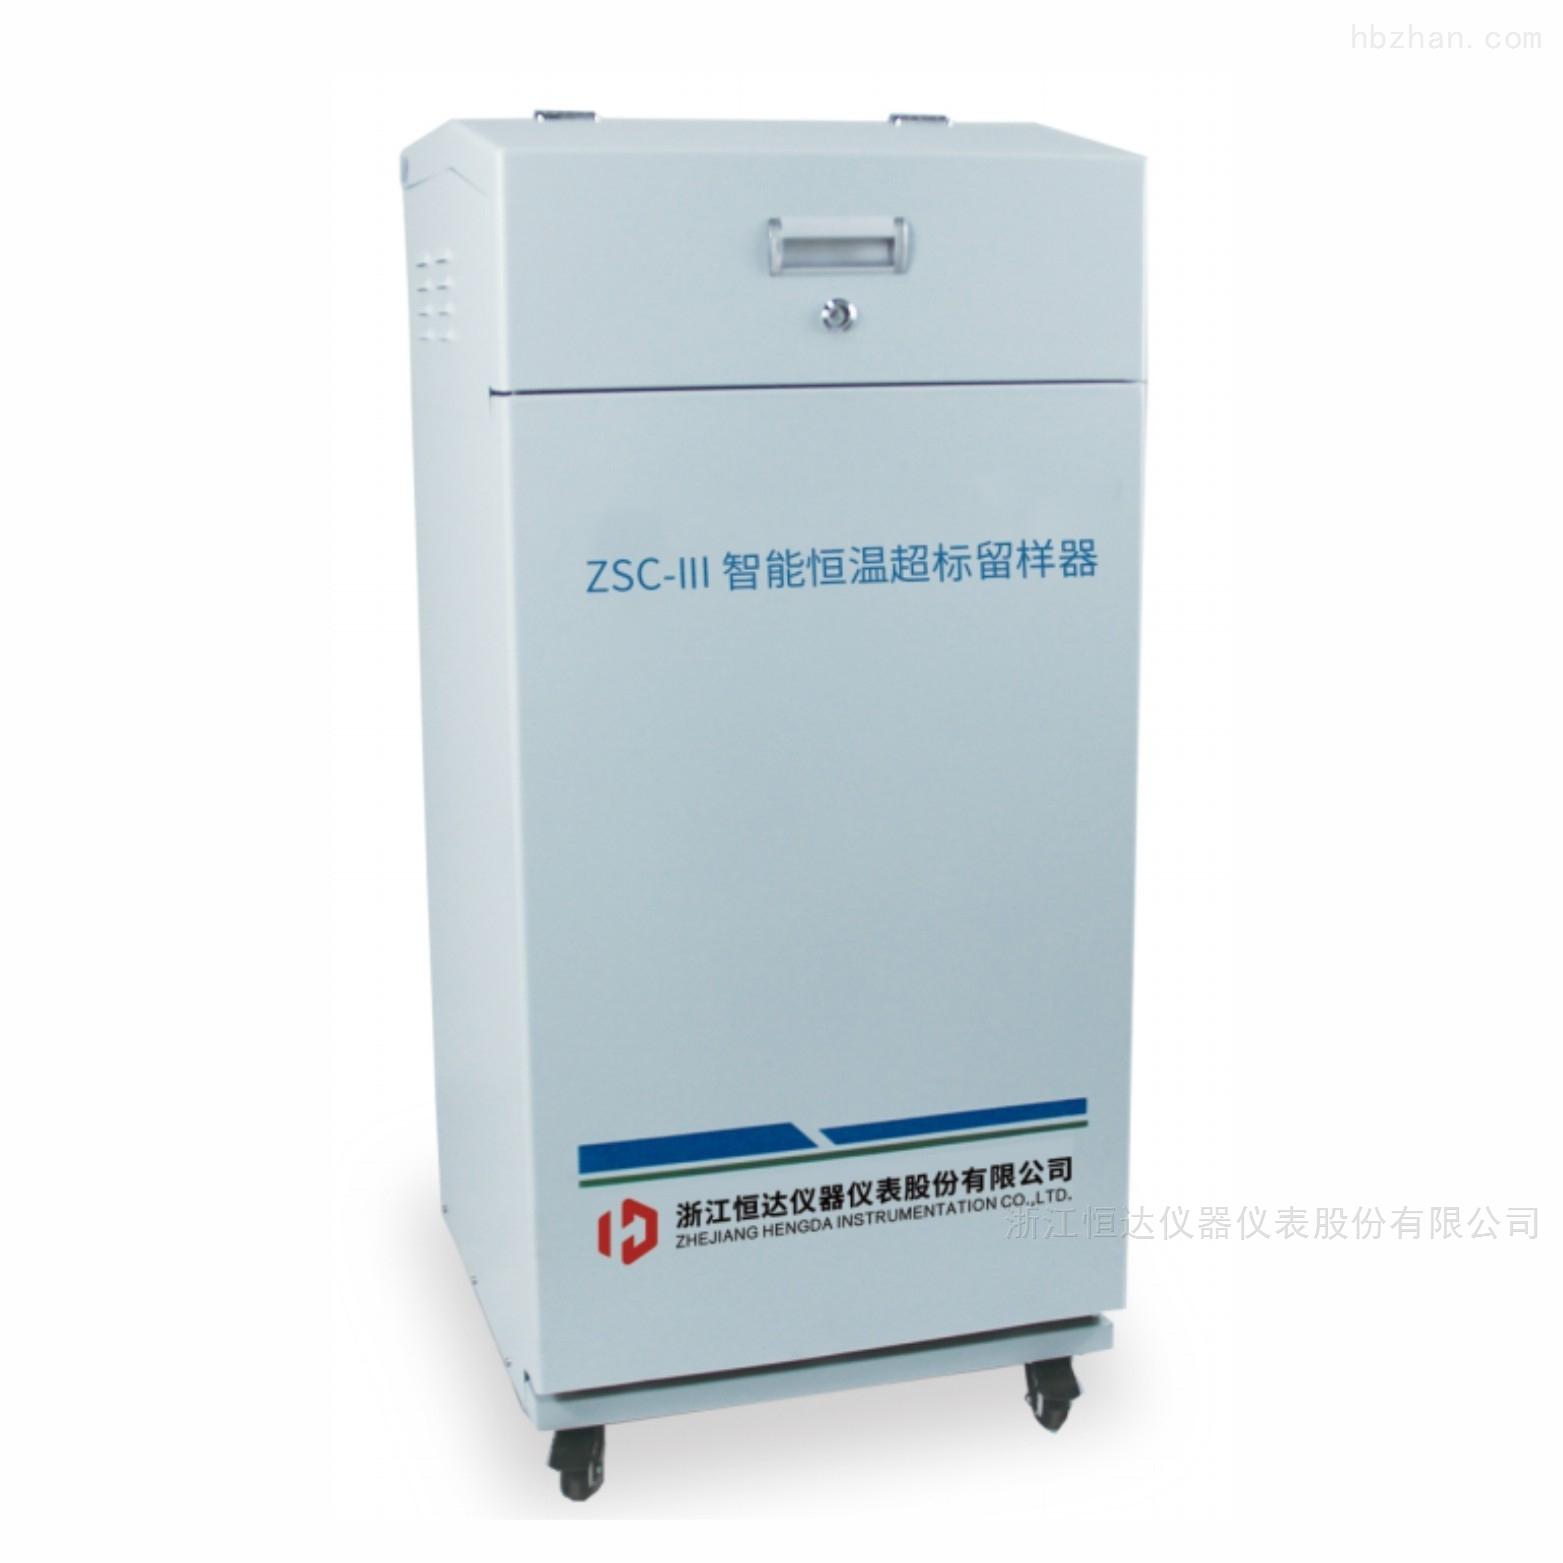 ZSC-III 智能恒温超标留样器